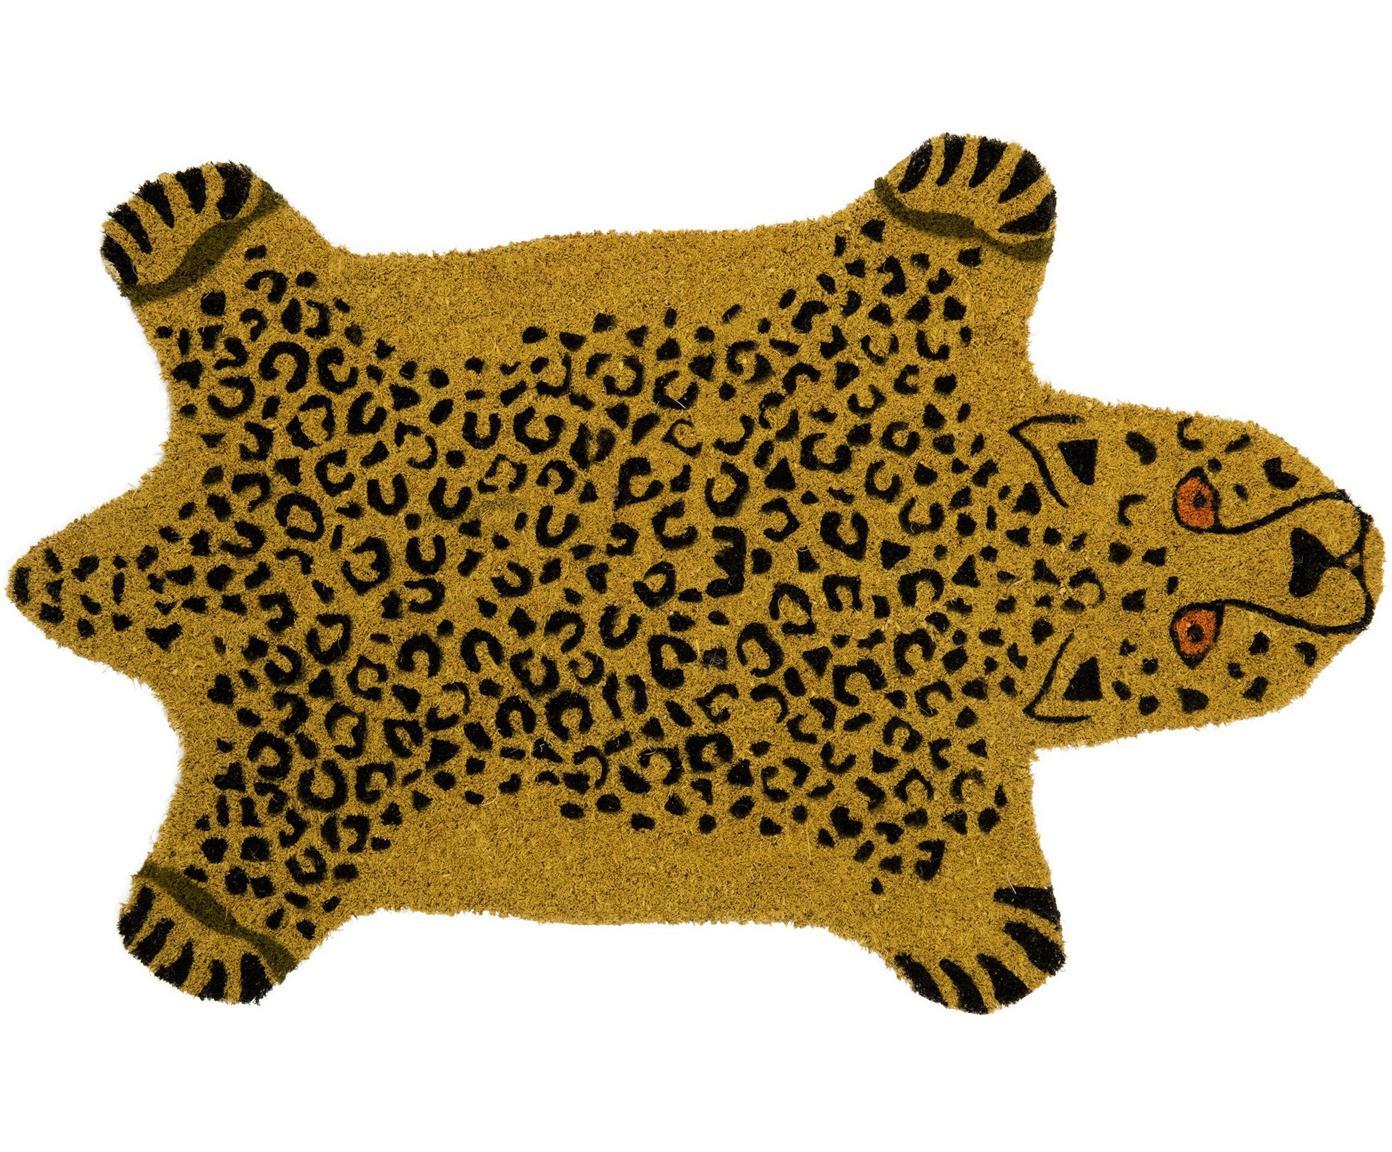 Fußmatte Cheetah, Oberseite: Kokosfaser, Unterseite: PVC, Braun, Schwarz, 40 x 70 cm